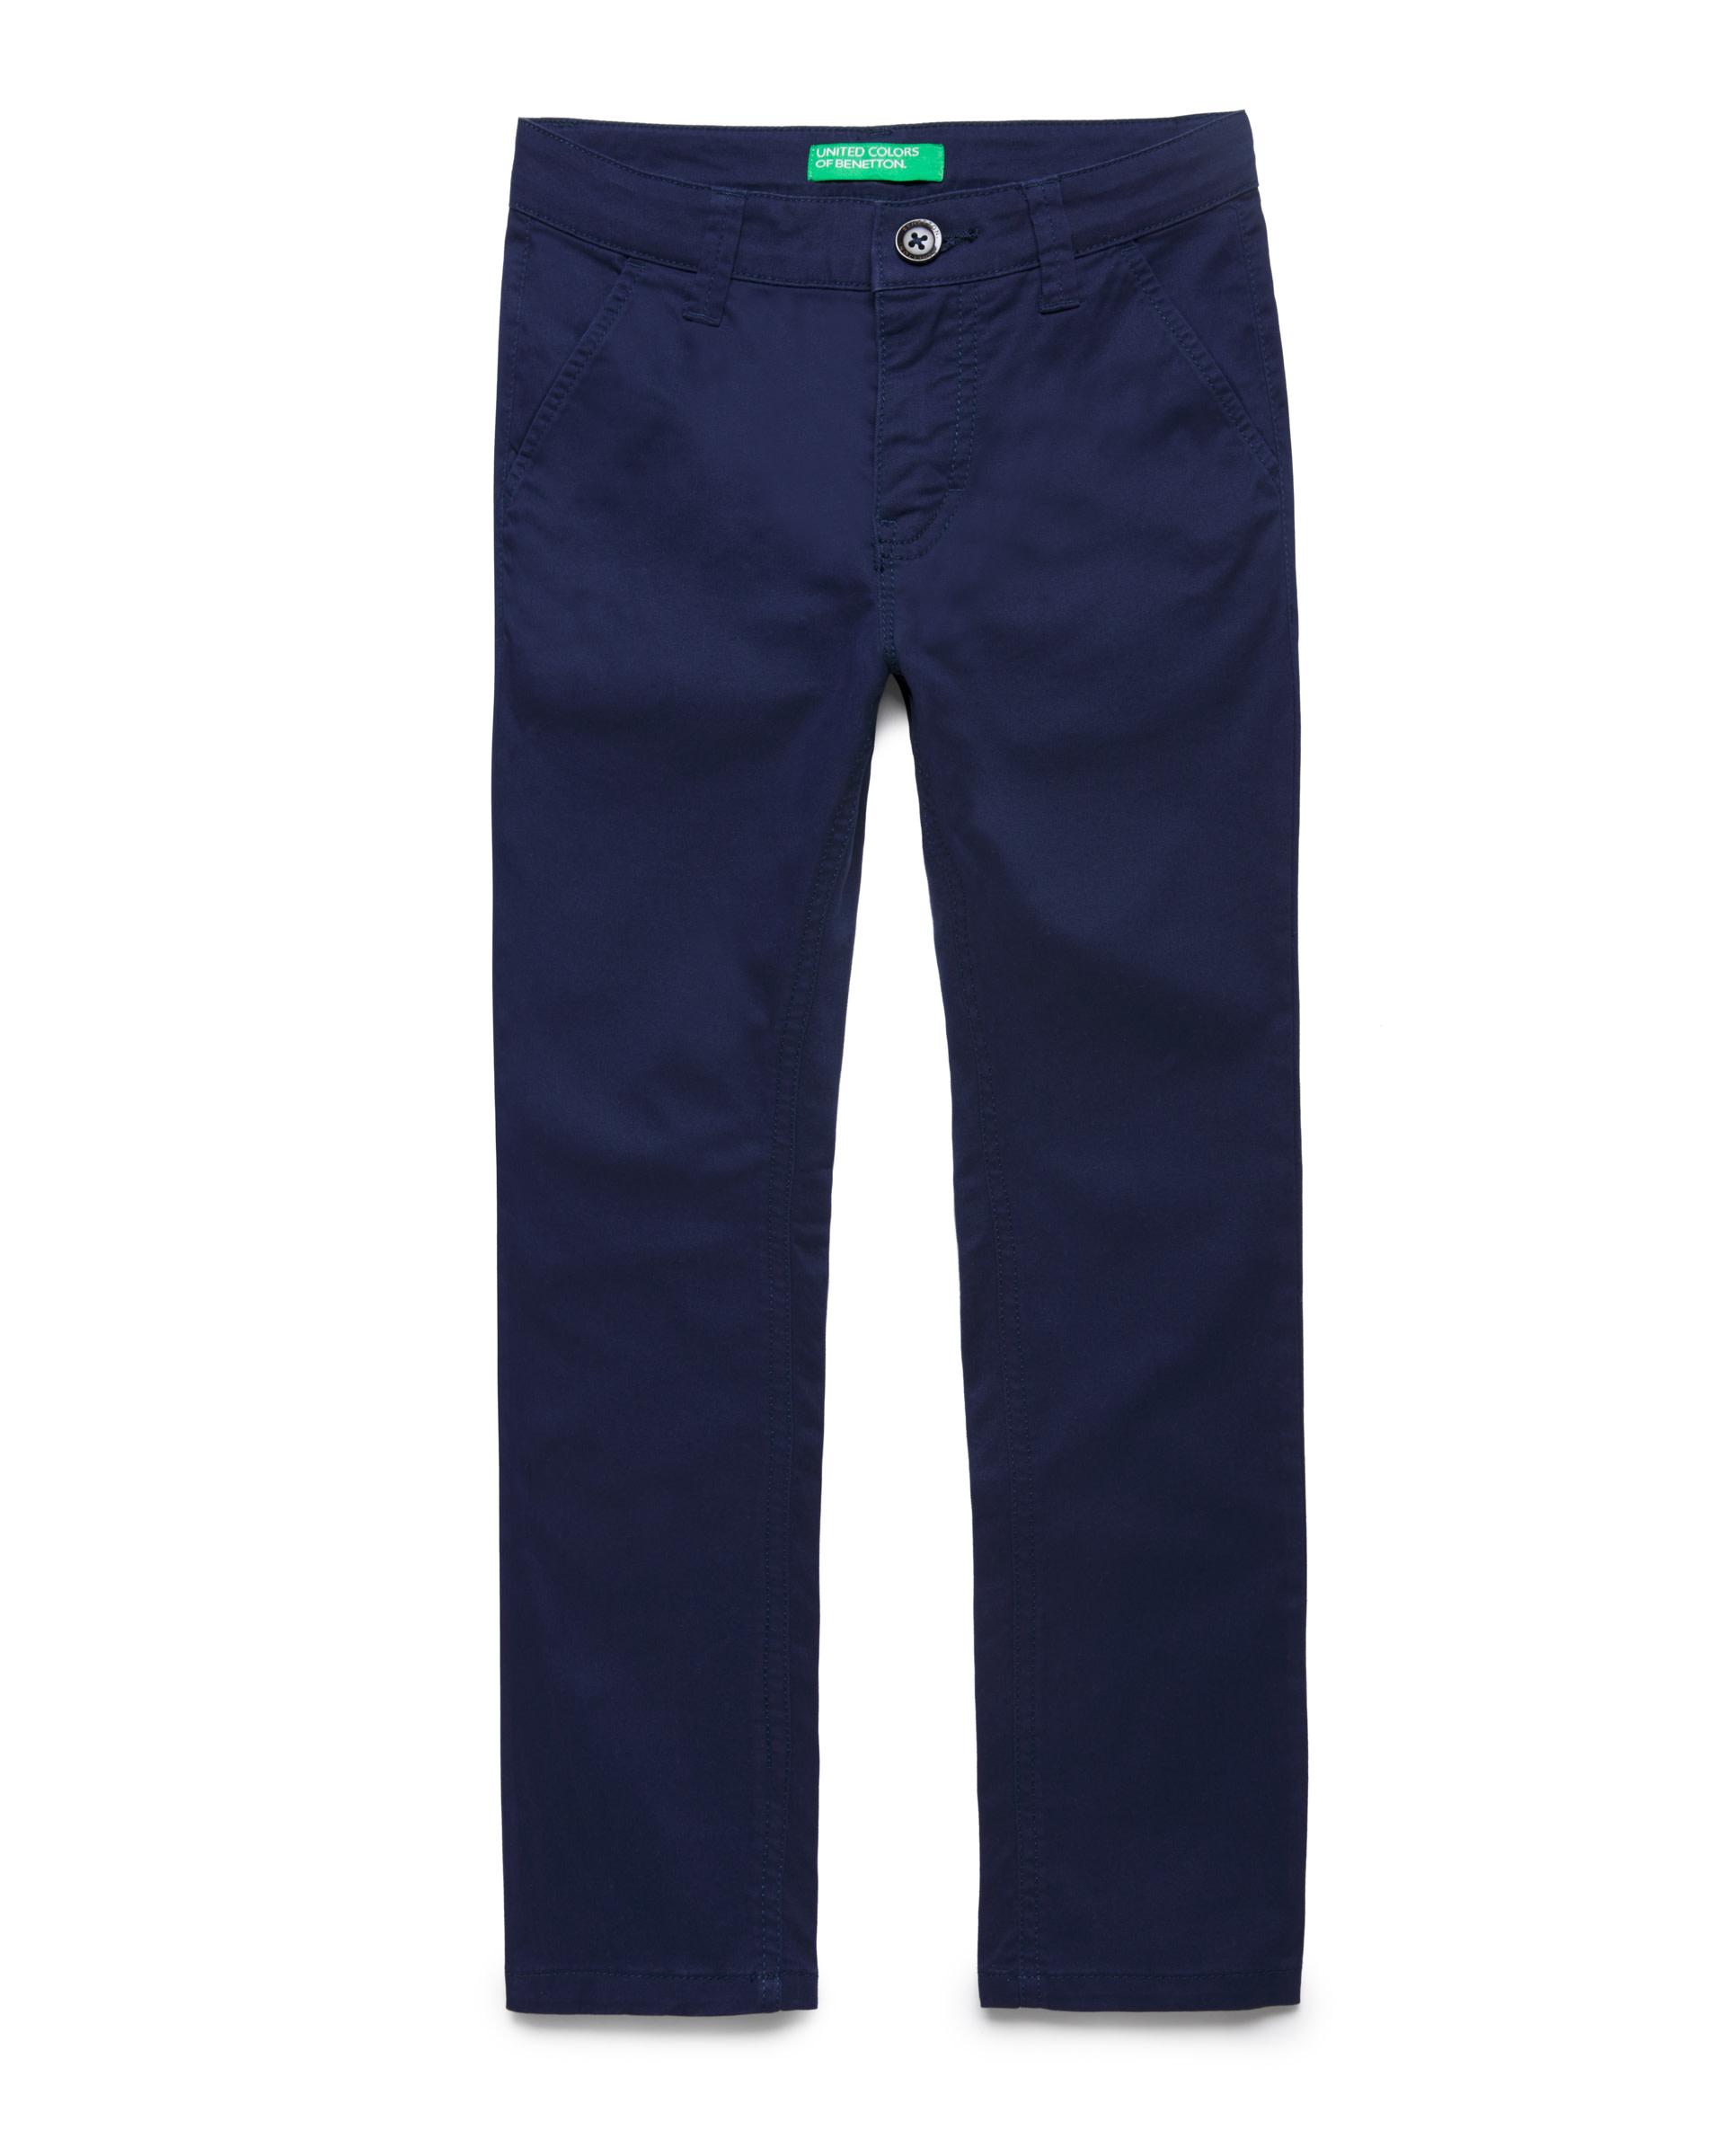 Купить 20P_4HK255AY0_252, Брюки для мальчиков Benetton 4HK255AY0_252 р-р 80, United Colors of Benetton, Шорты и брюки для новорожденных